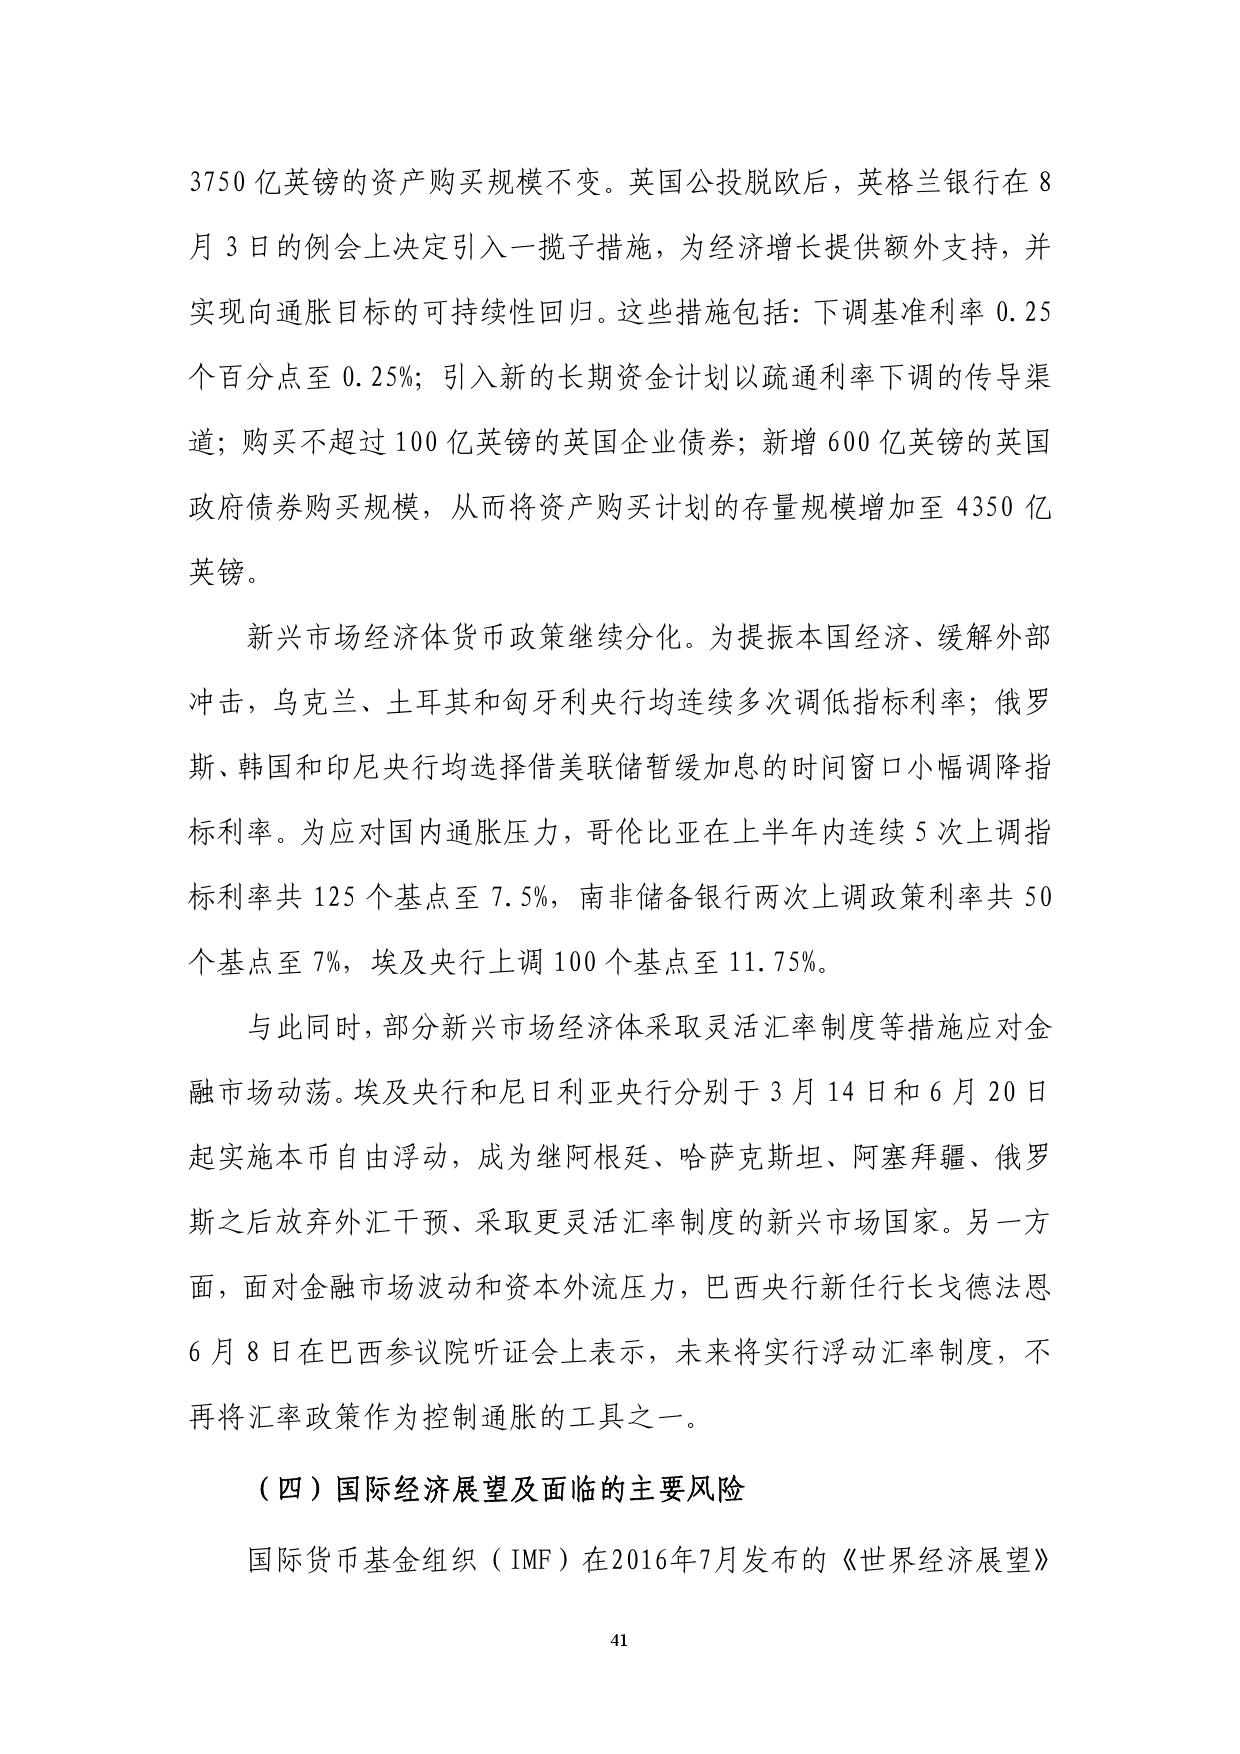 2016年Q2中国货币政策执行报告_000047